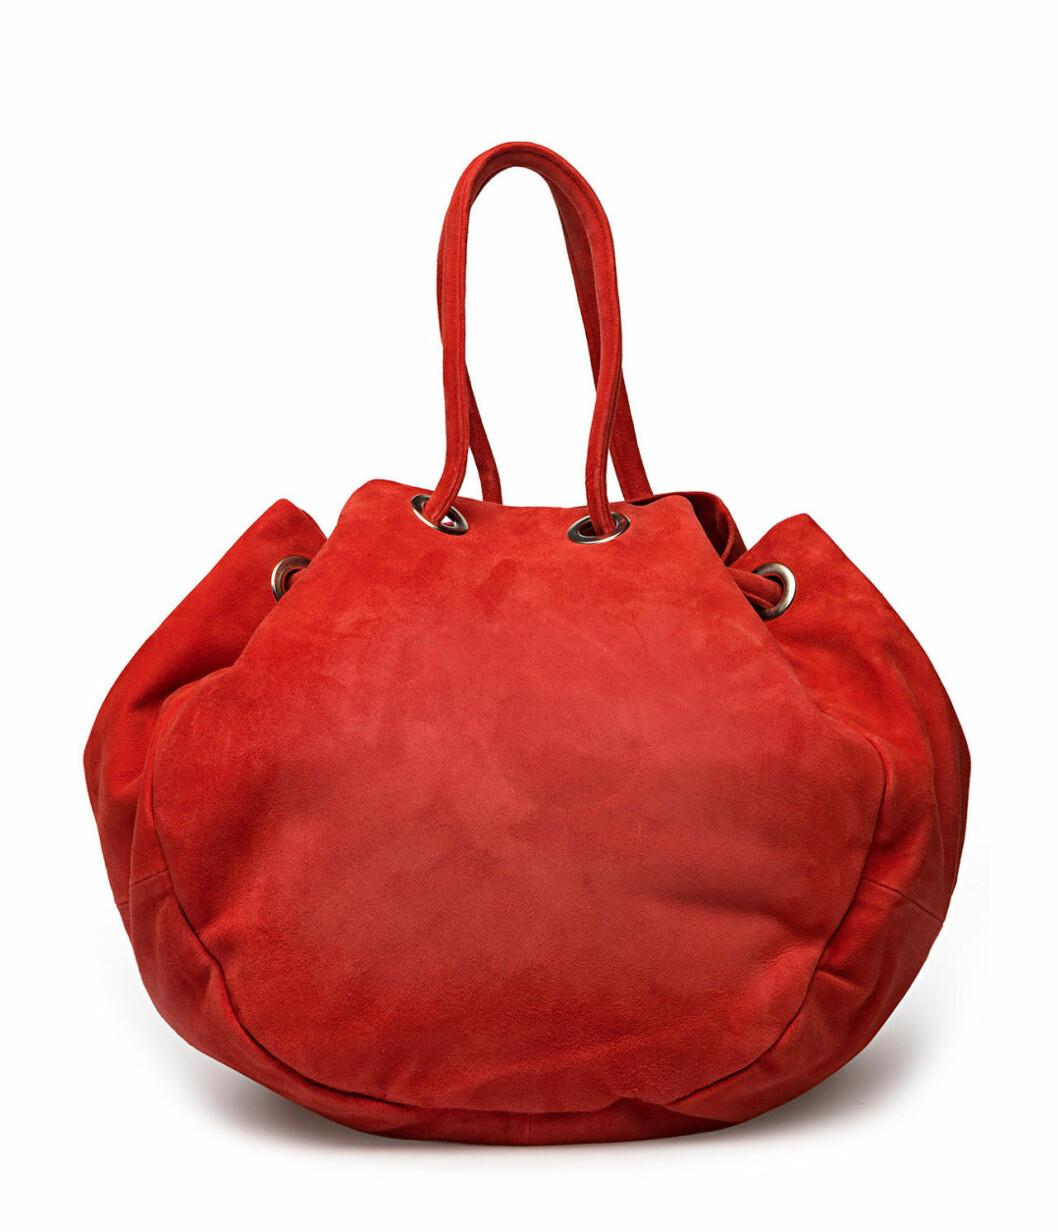 Röd väska 2018